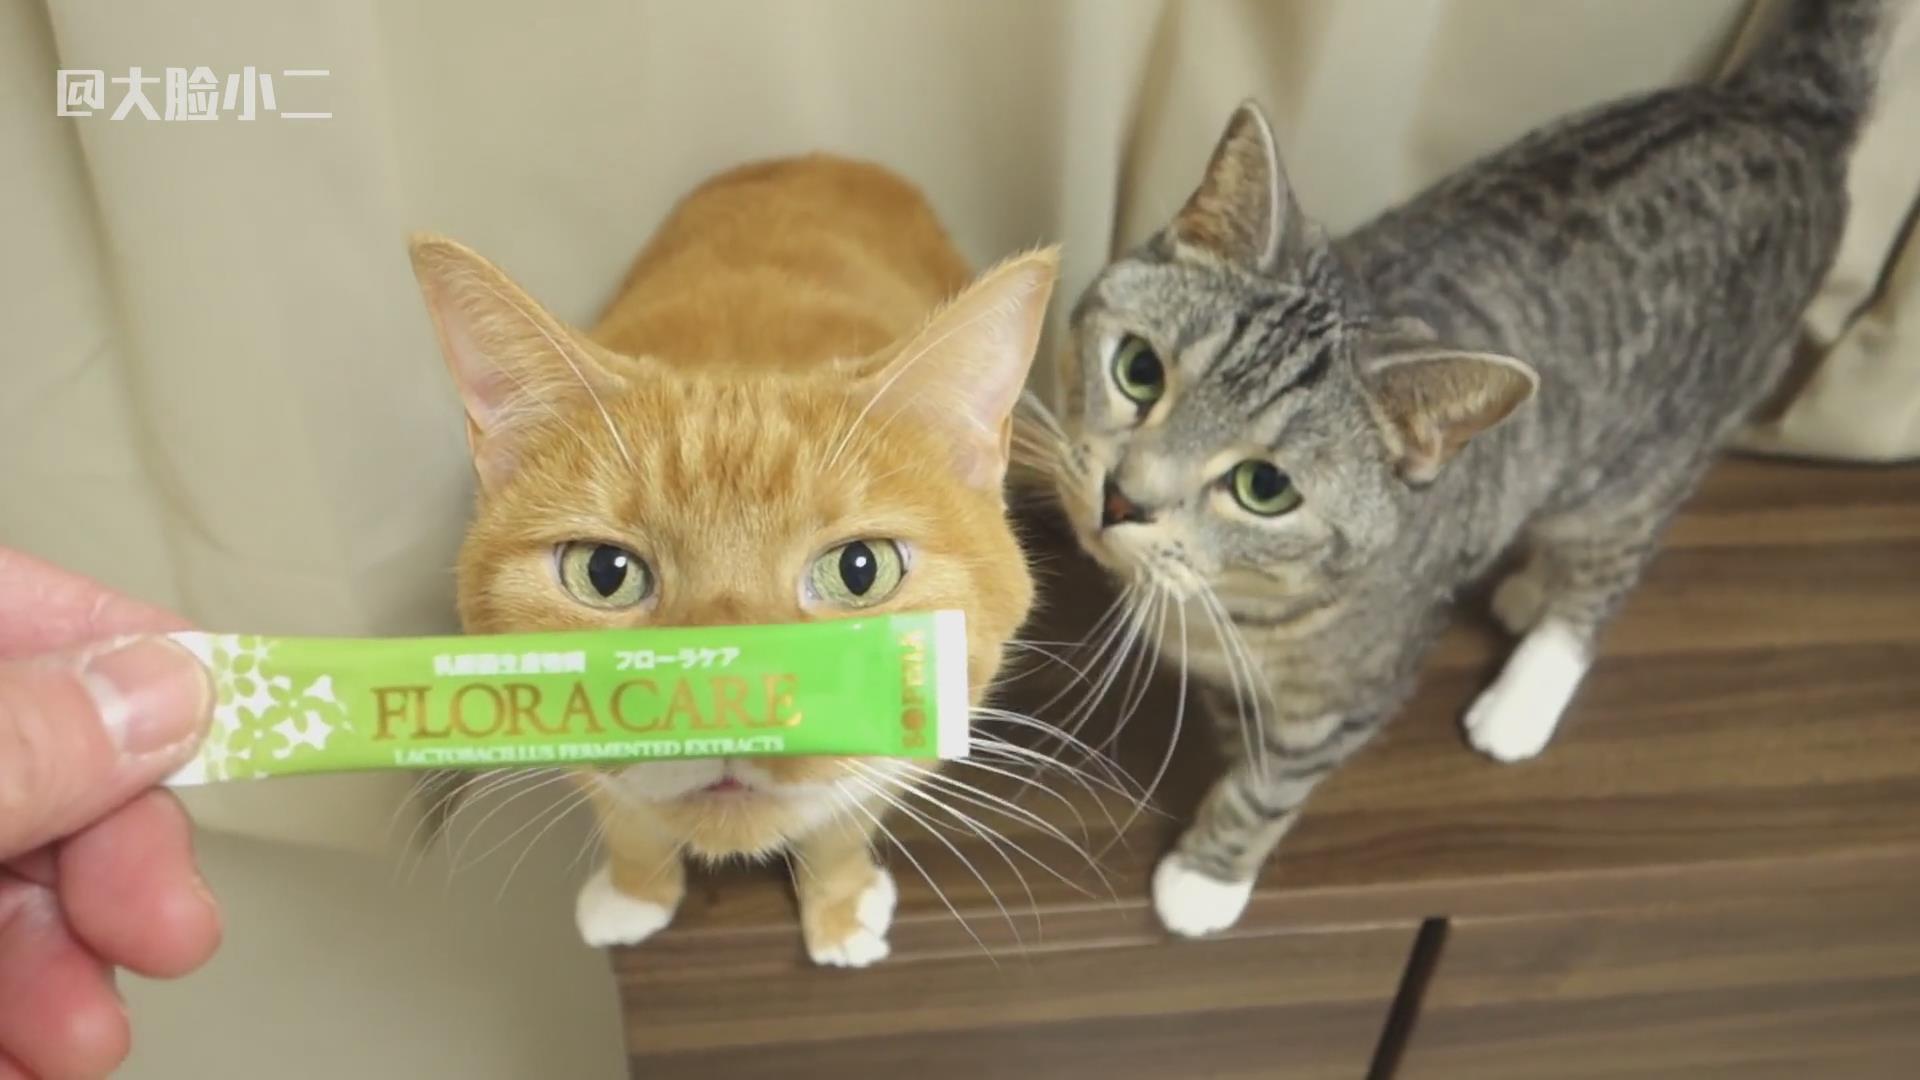 主人太坏了,总是拿好吃的逗猫!猫咪一个个想吃的神态太可爱了!